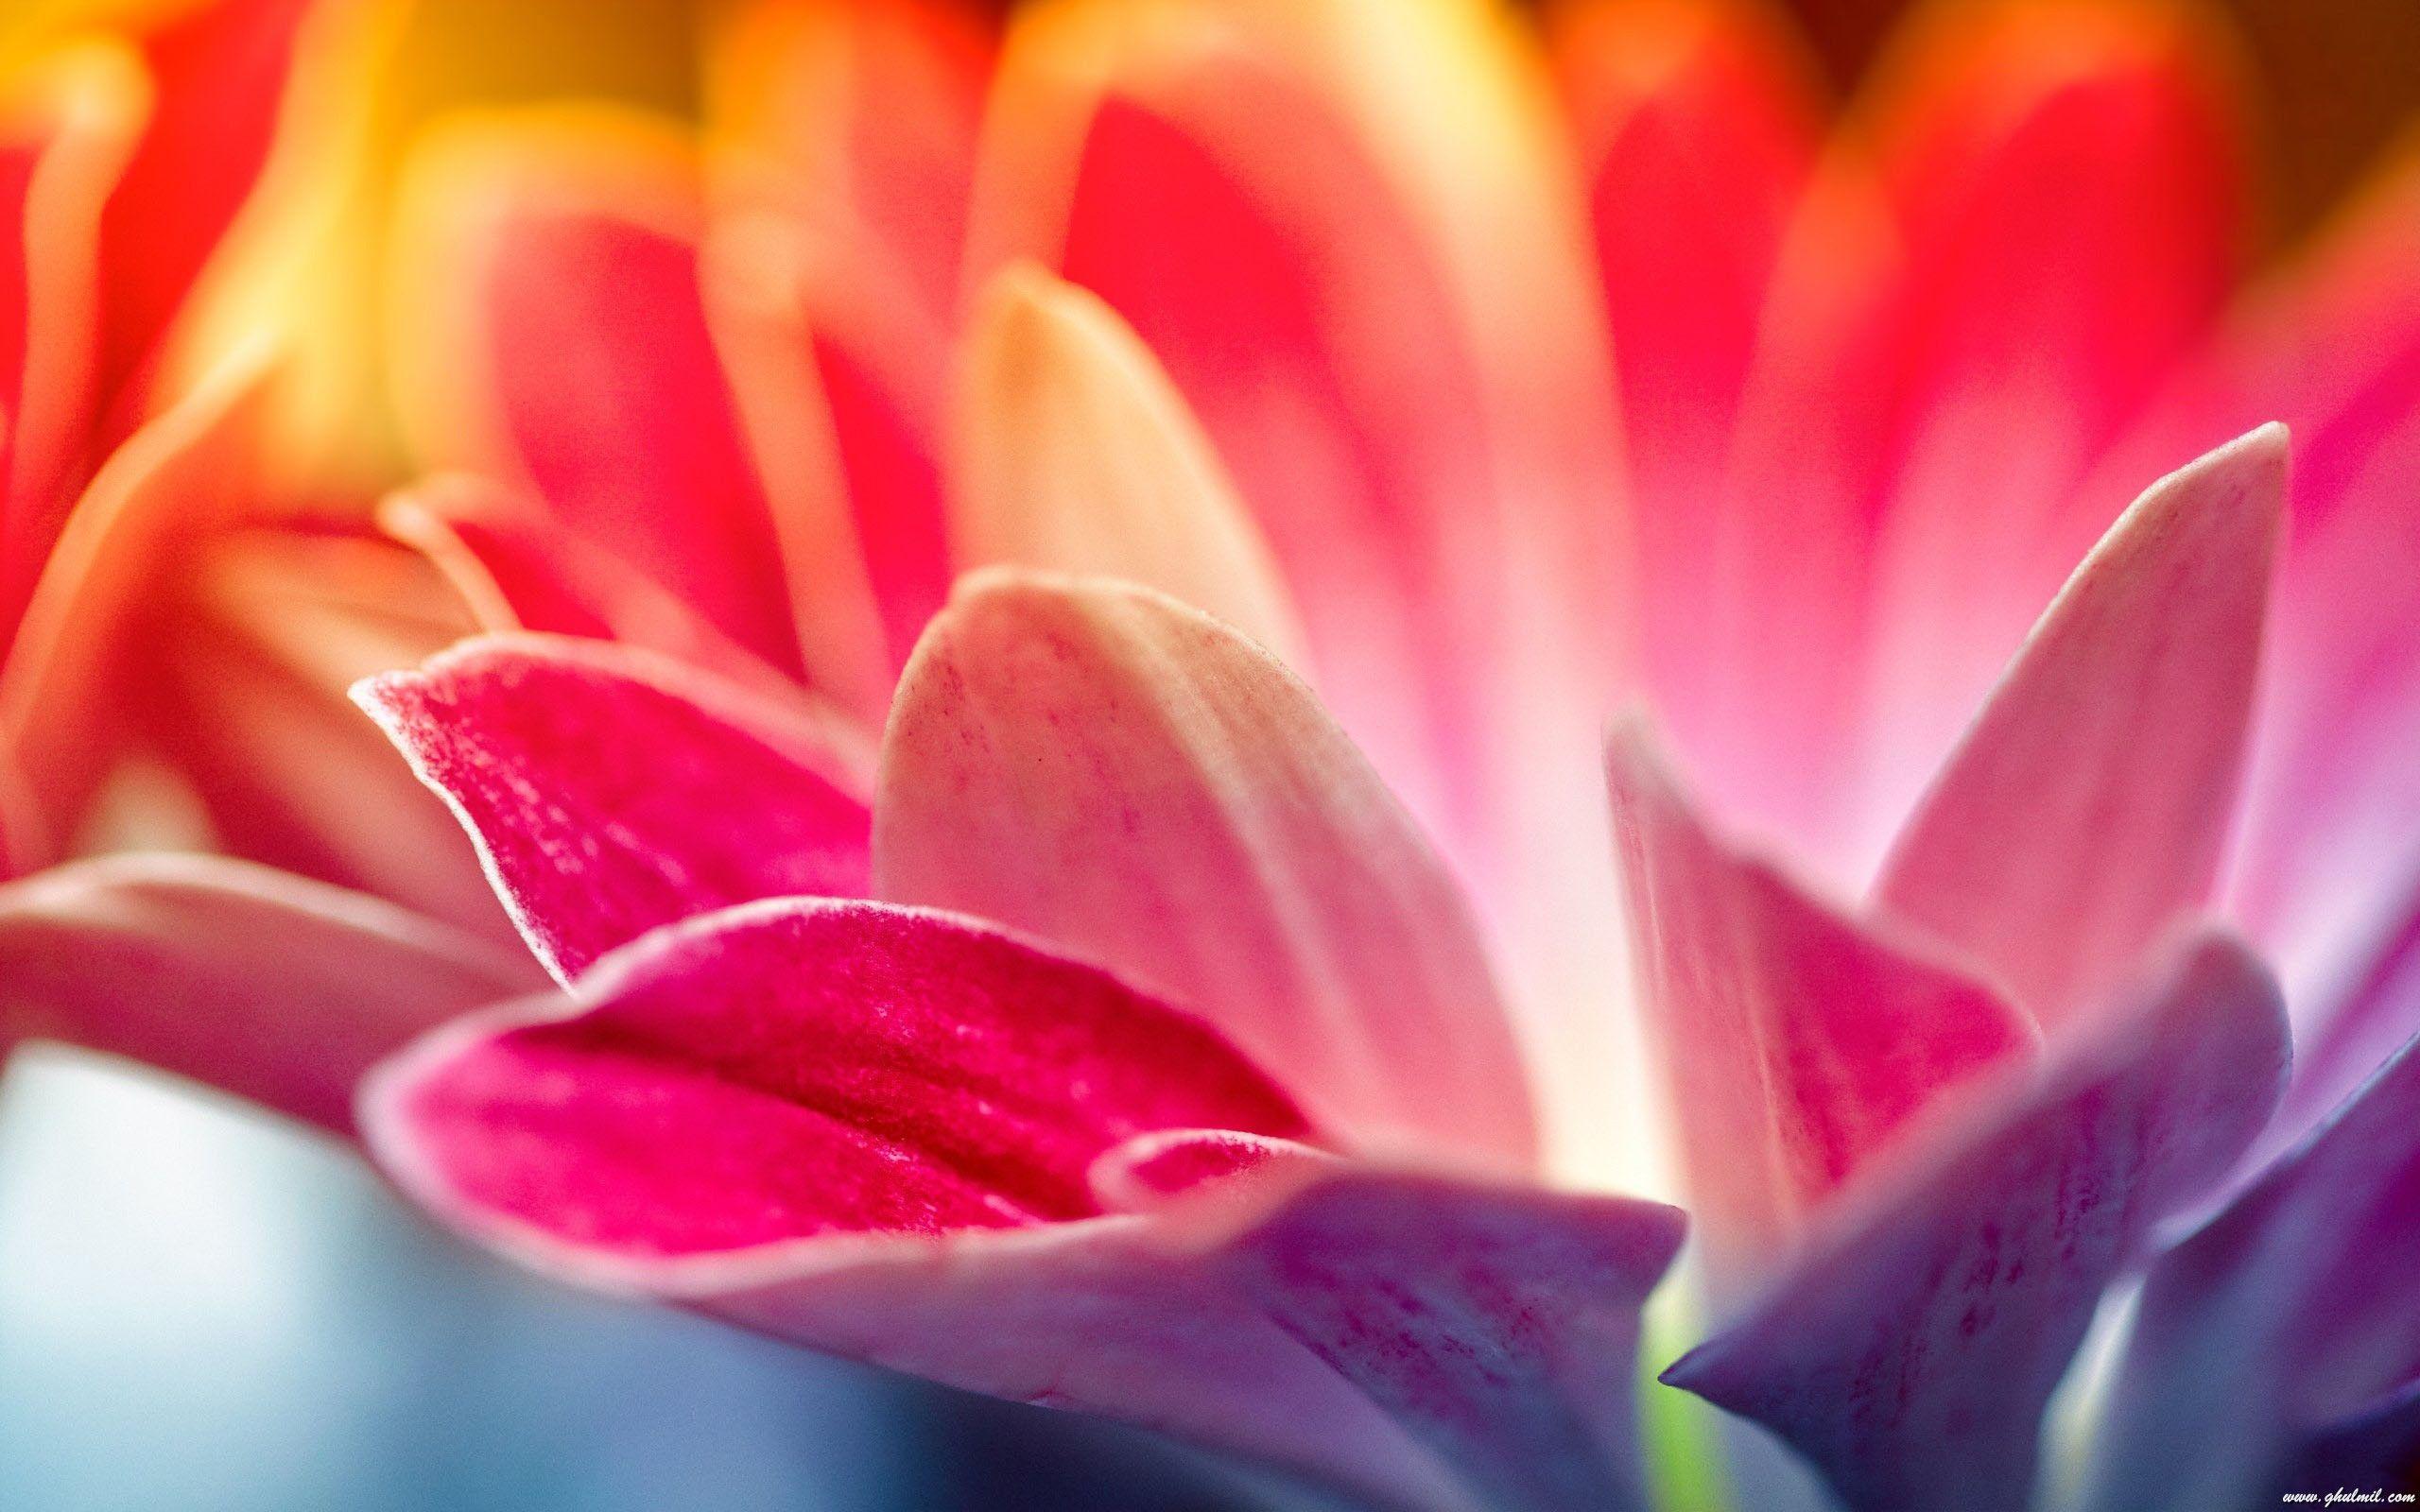 Pin By Lorie Stone On Flowers Flower Desktop Wallpaper Hd Flower Wallpaper Flower Wallpaper